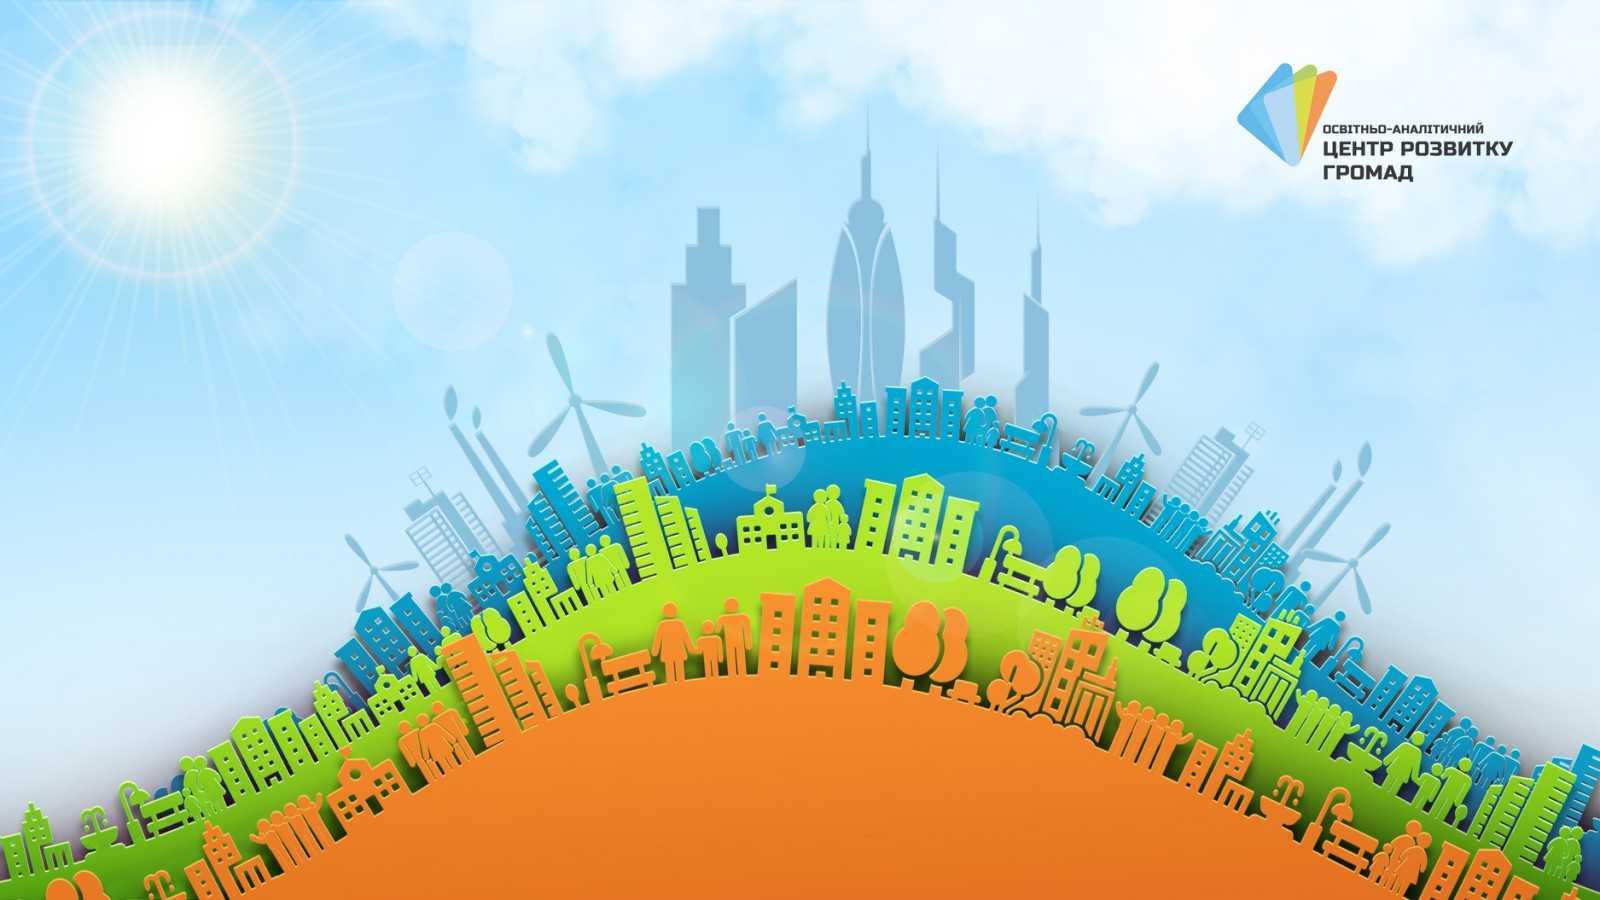 zobrazhennia viber 2021 03 11 14 53 21 - Громади України у 2031 році - оптимістичні сценарії розвитку